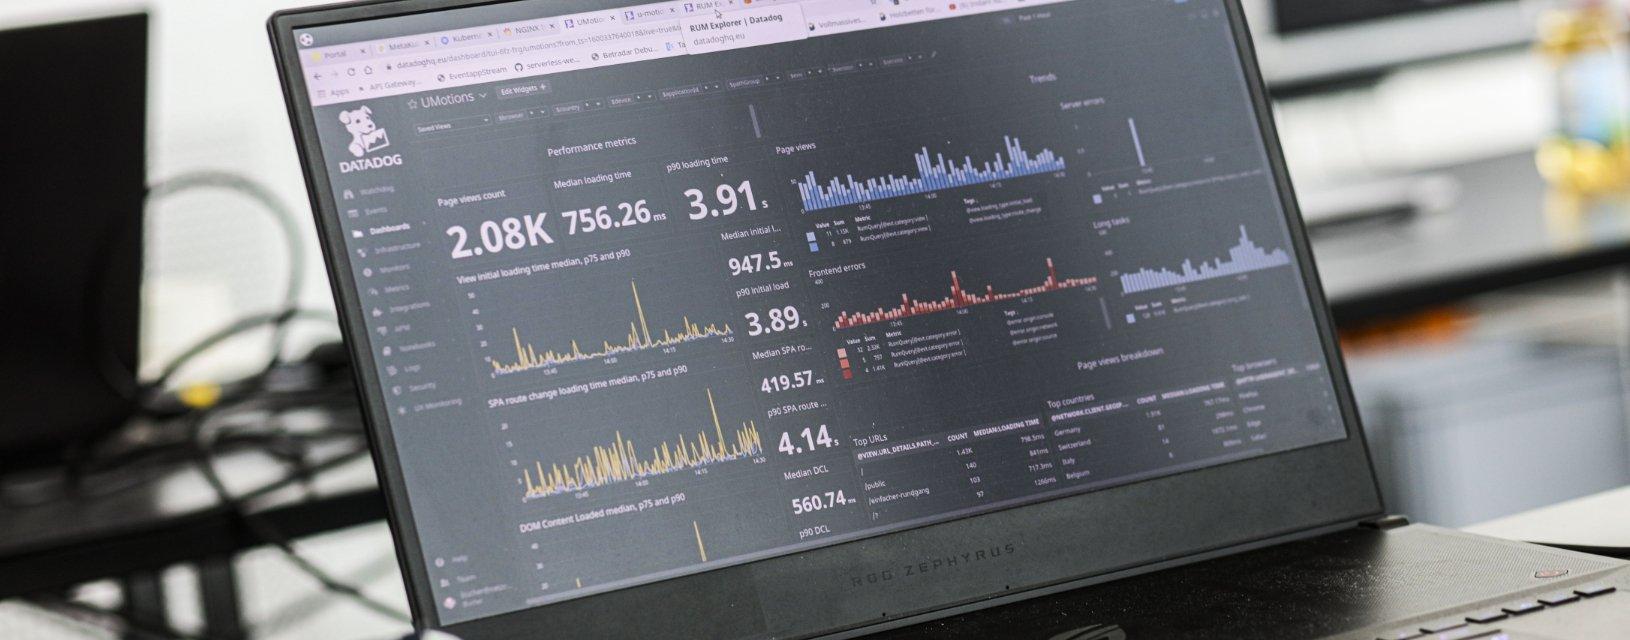 Event Agentur - Was macht eine digitale Konferenz aus?